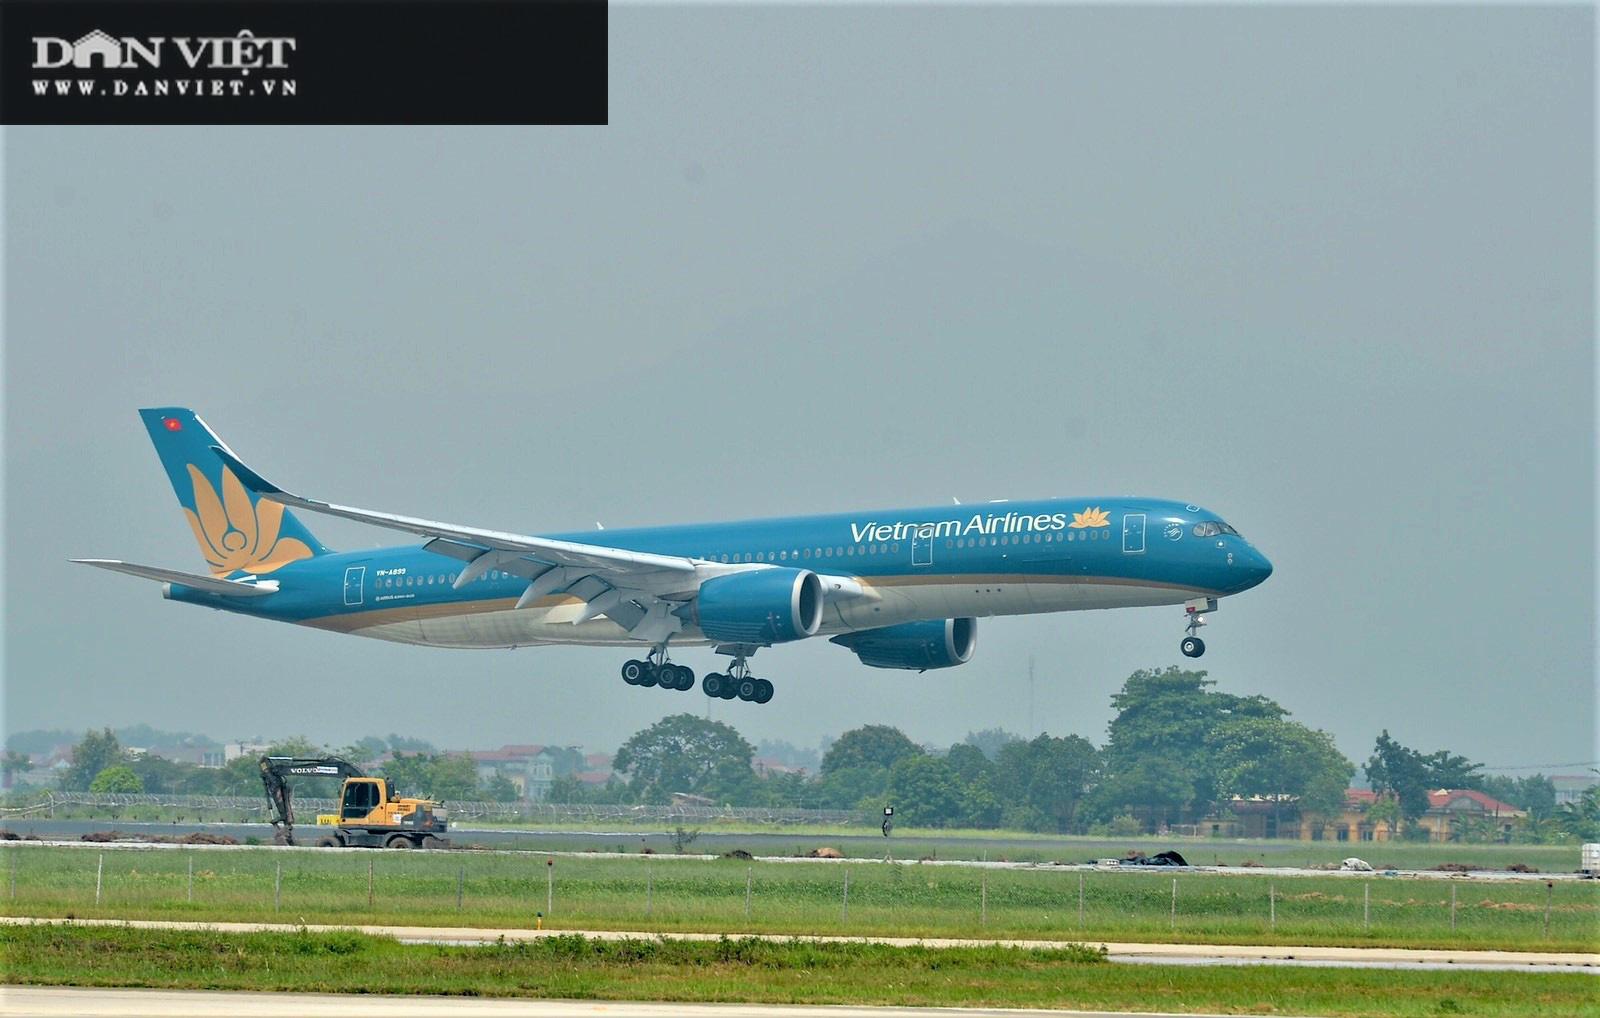 Chuyến bay quốc tế đầu tiên sau dịch Covid-19 có gì đặc biệt? - Ảnh 1.